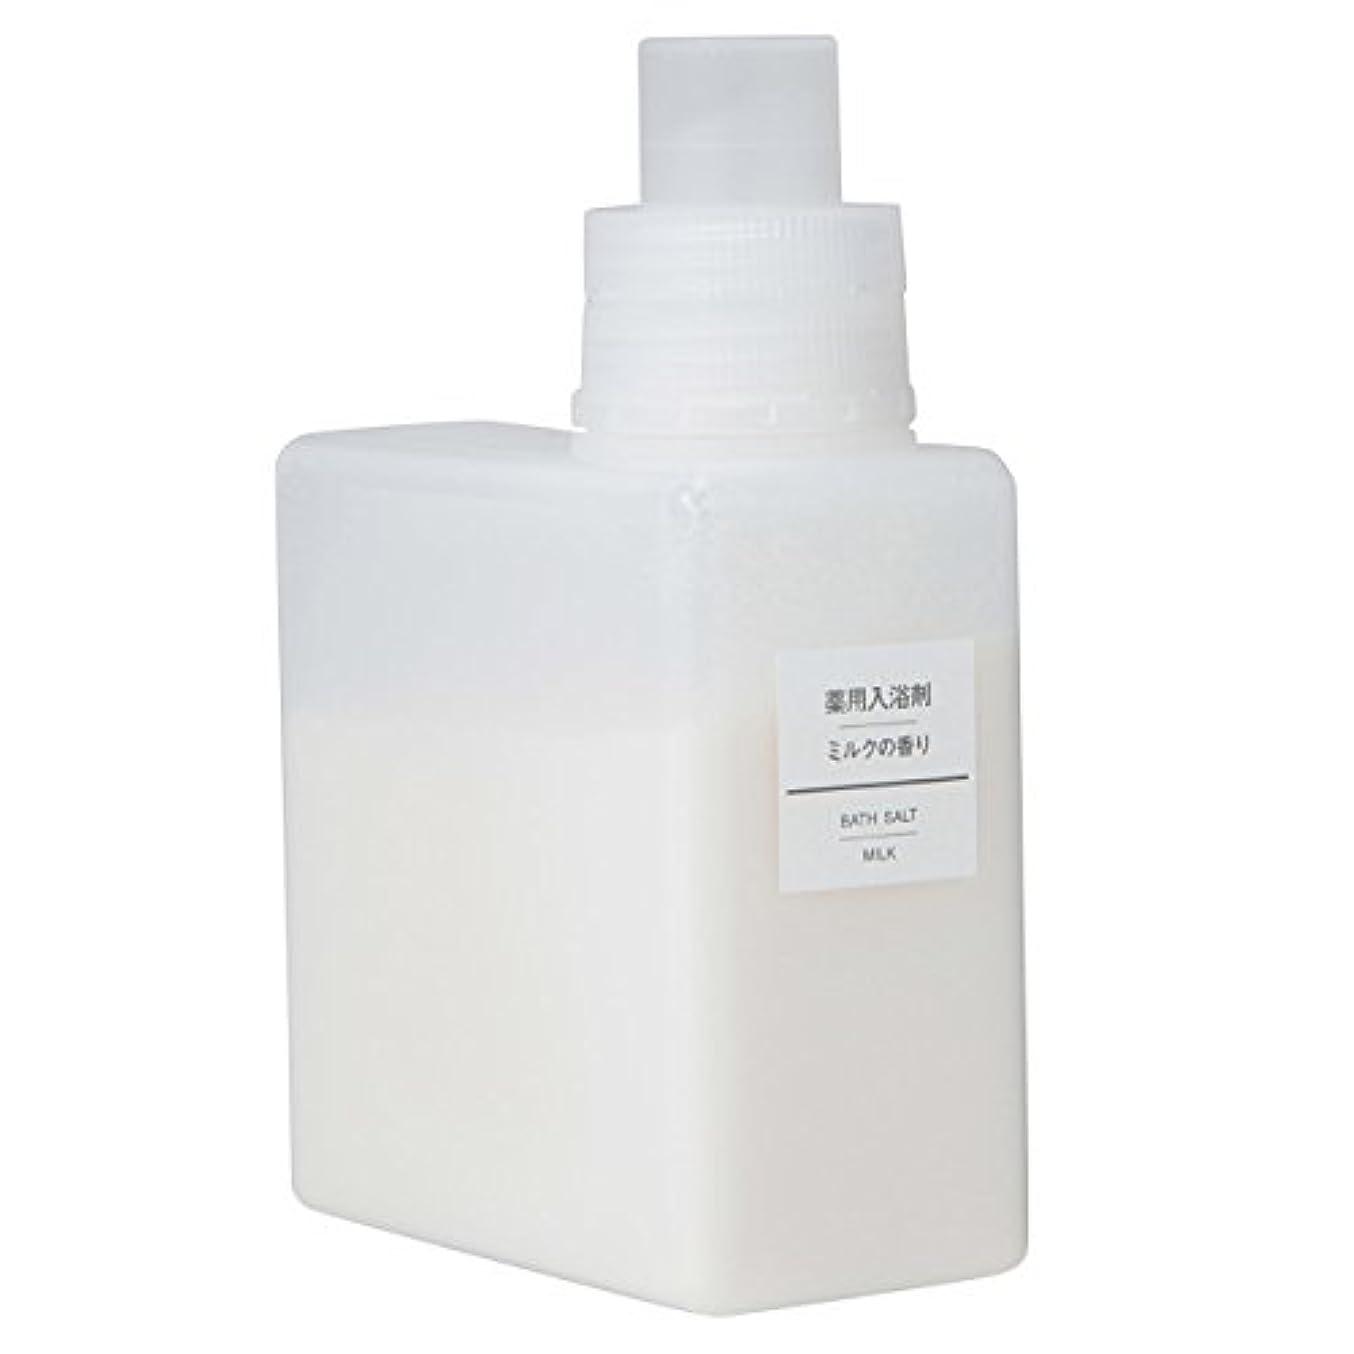 徹底偽物中世の無印良品 薬用入浴剤?ミルクの香り (新)500g 日本製